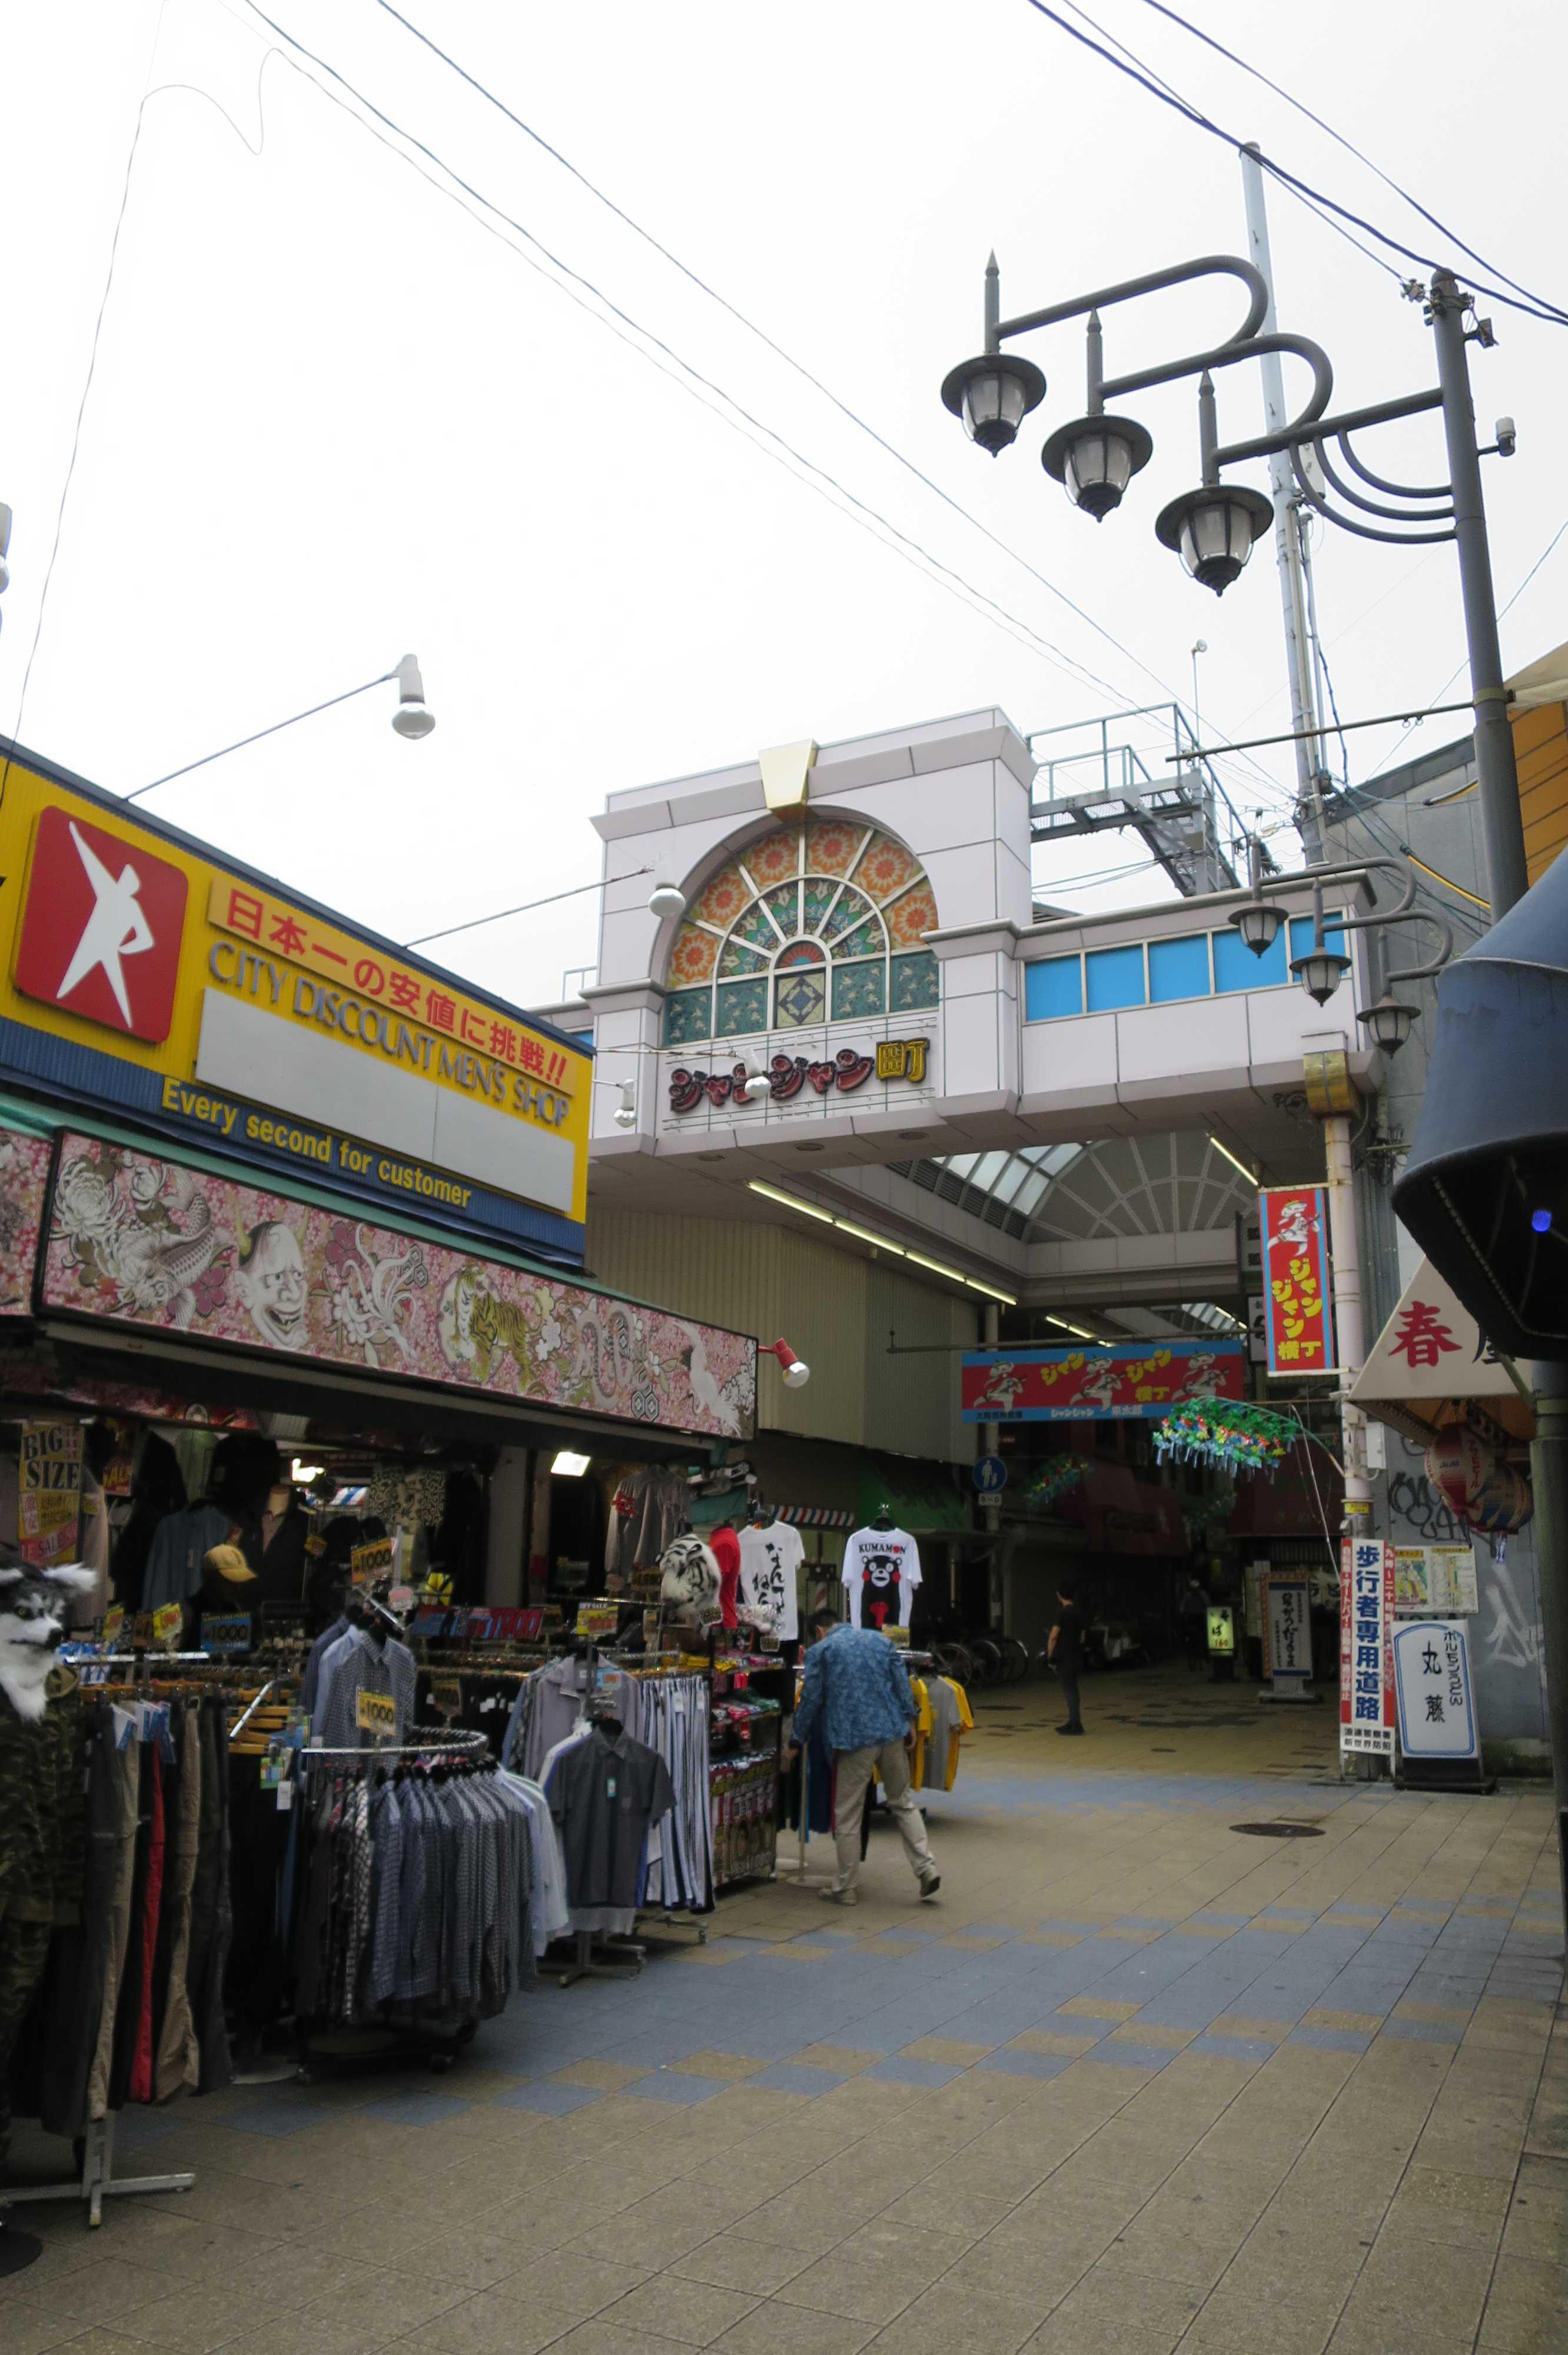 ジャンジャン町 - 大阪ミナミ